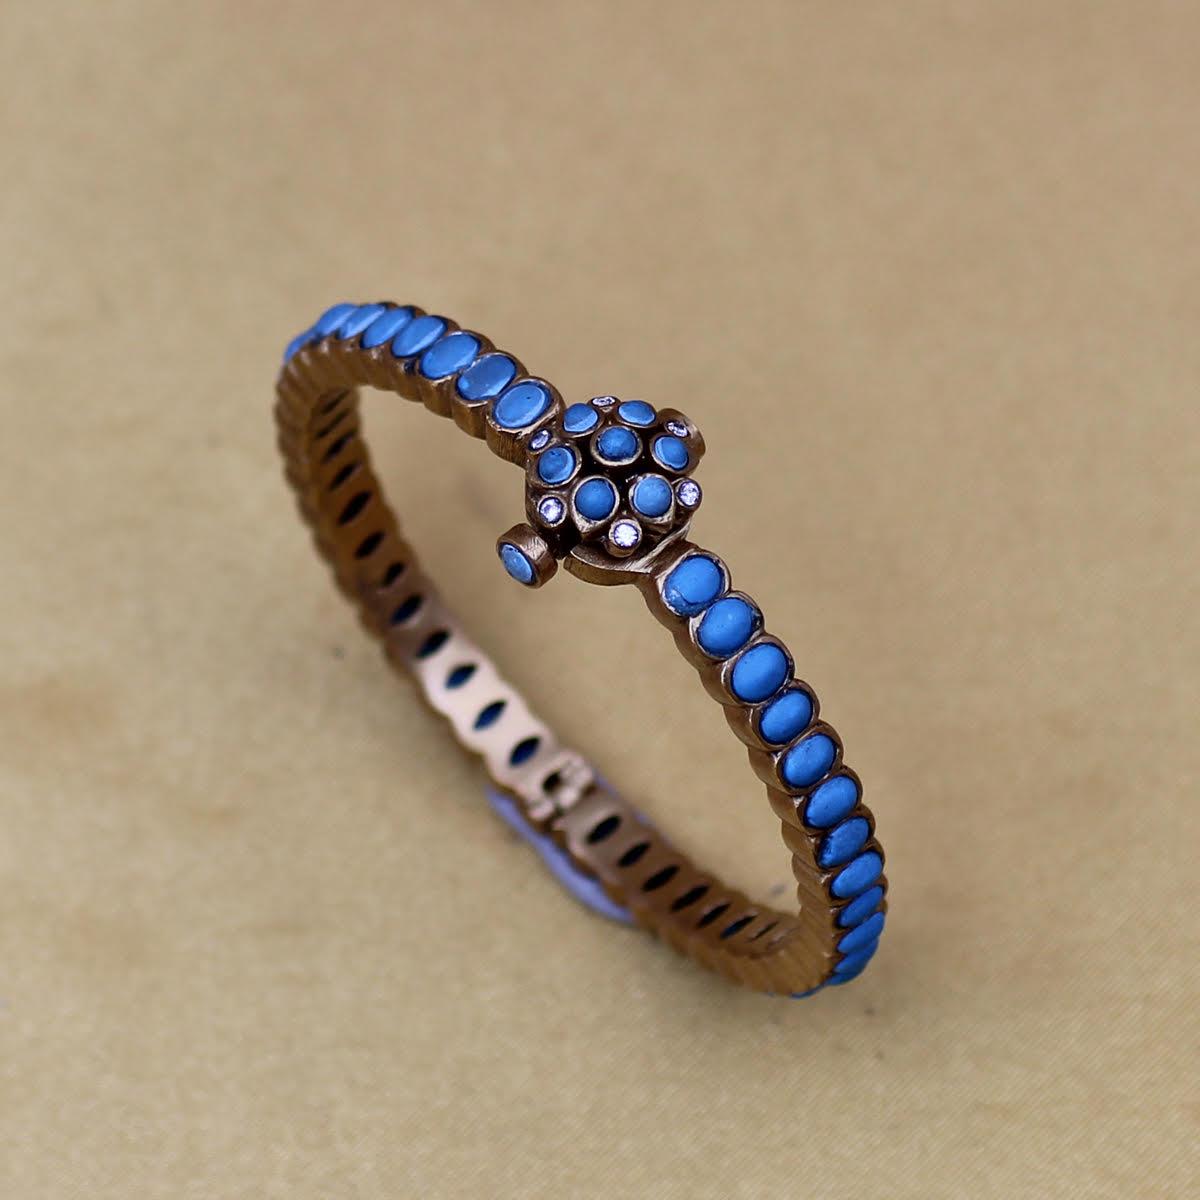 pure-silver-jewellery-designs-2019 (14)